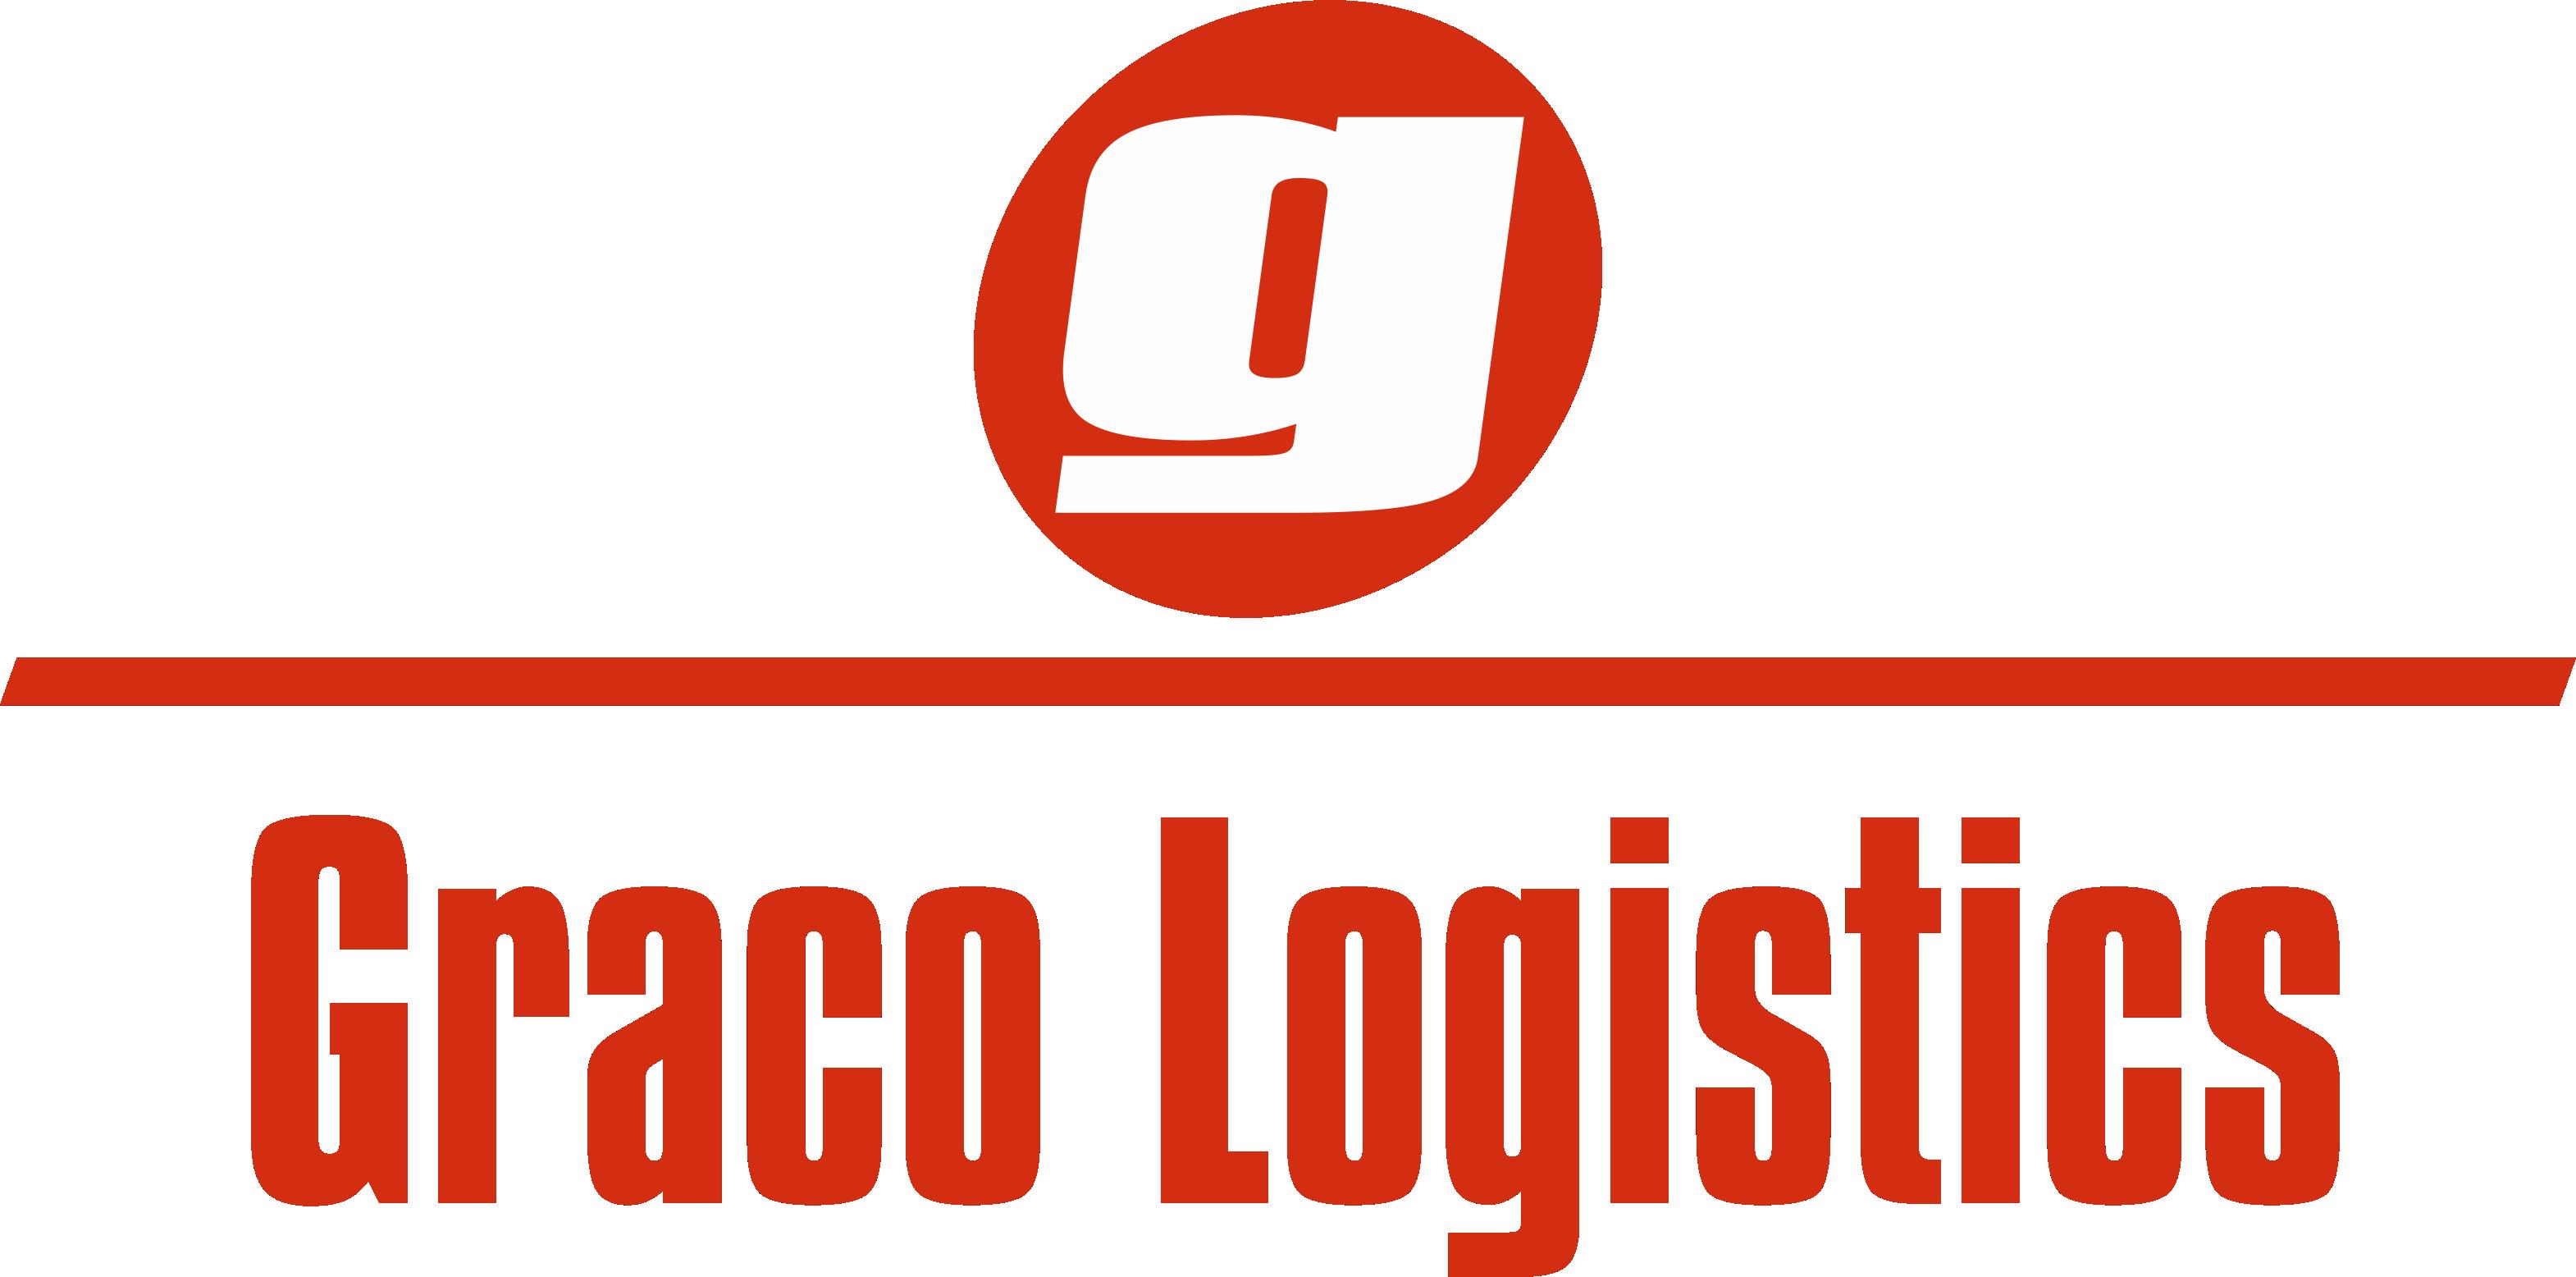 Graco Logistics